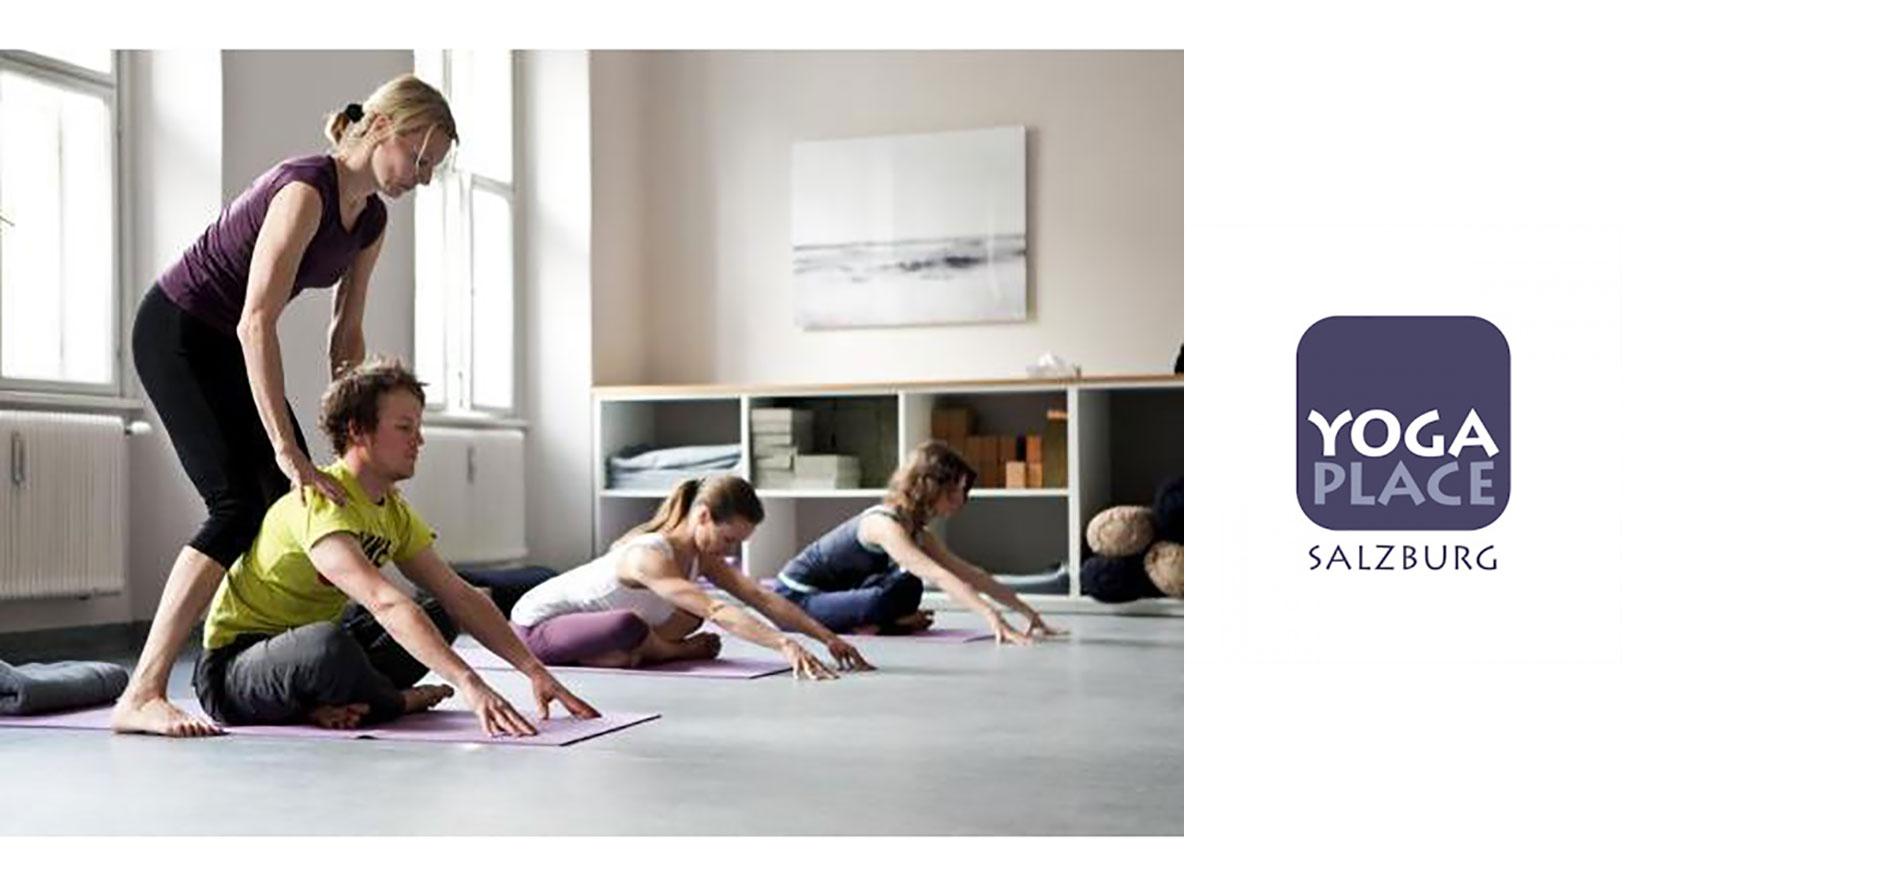 Yogaplace Salzburg Ausbildung